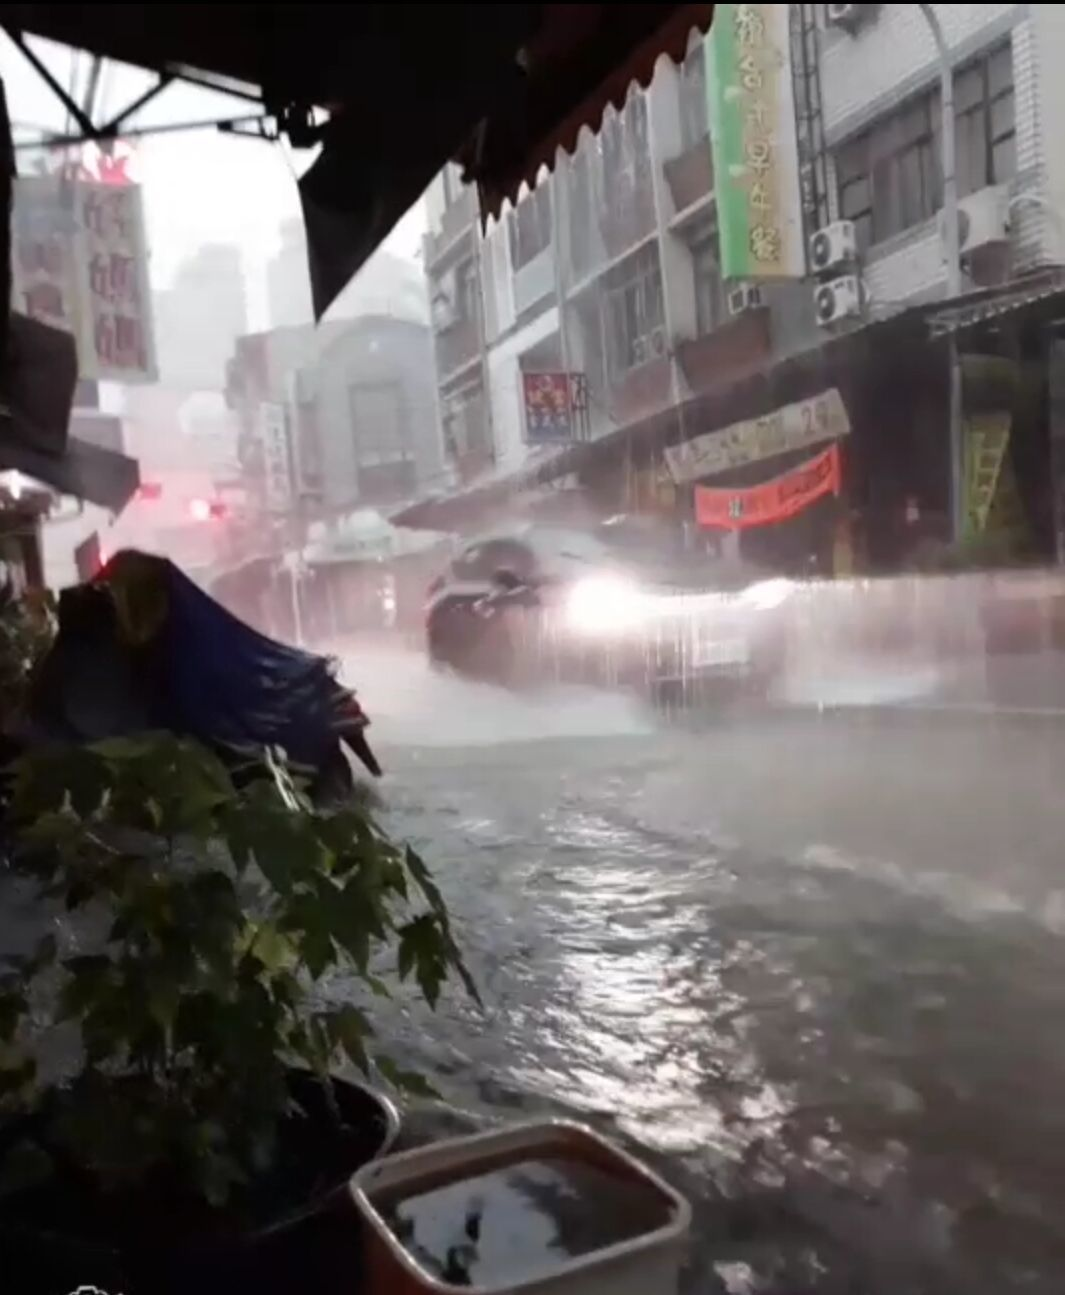 高雄市大寮區進學路淹水。記者林保光/翻攝